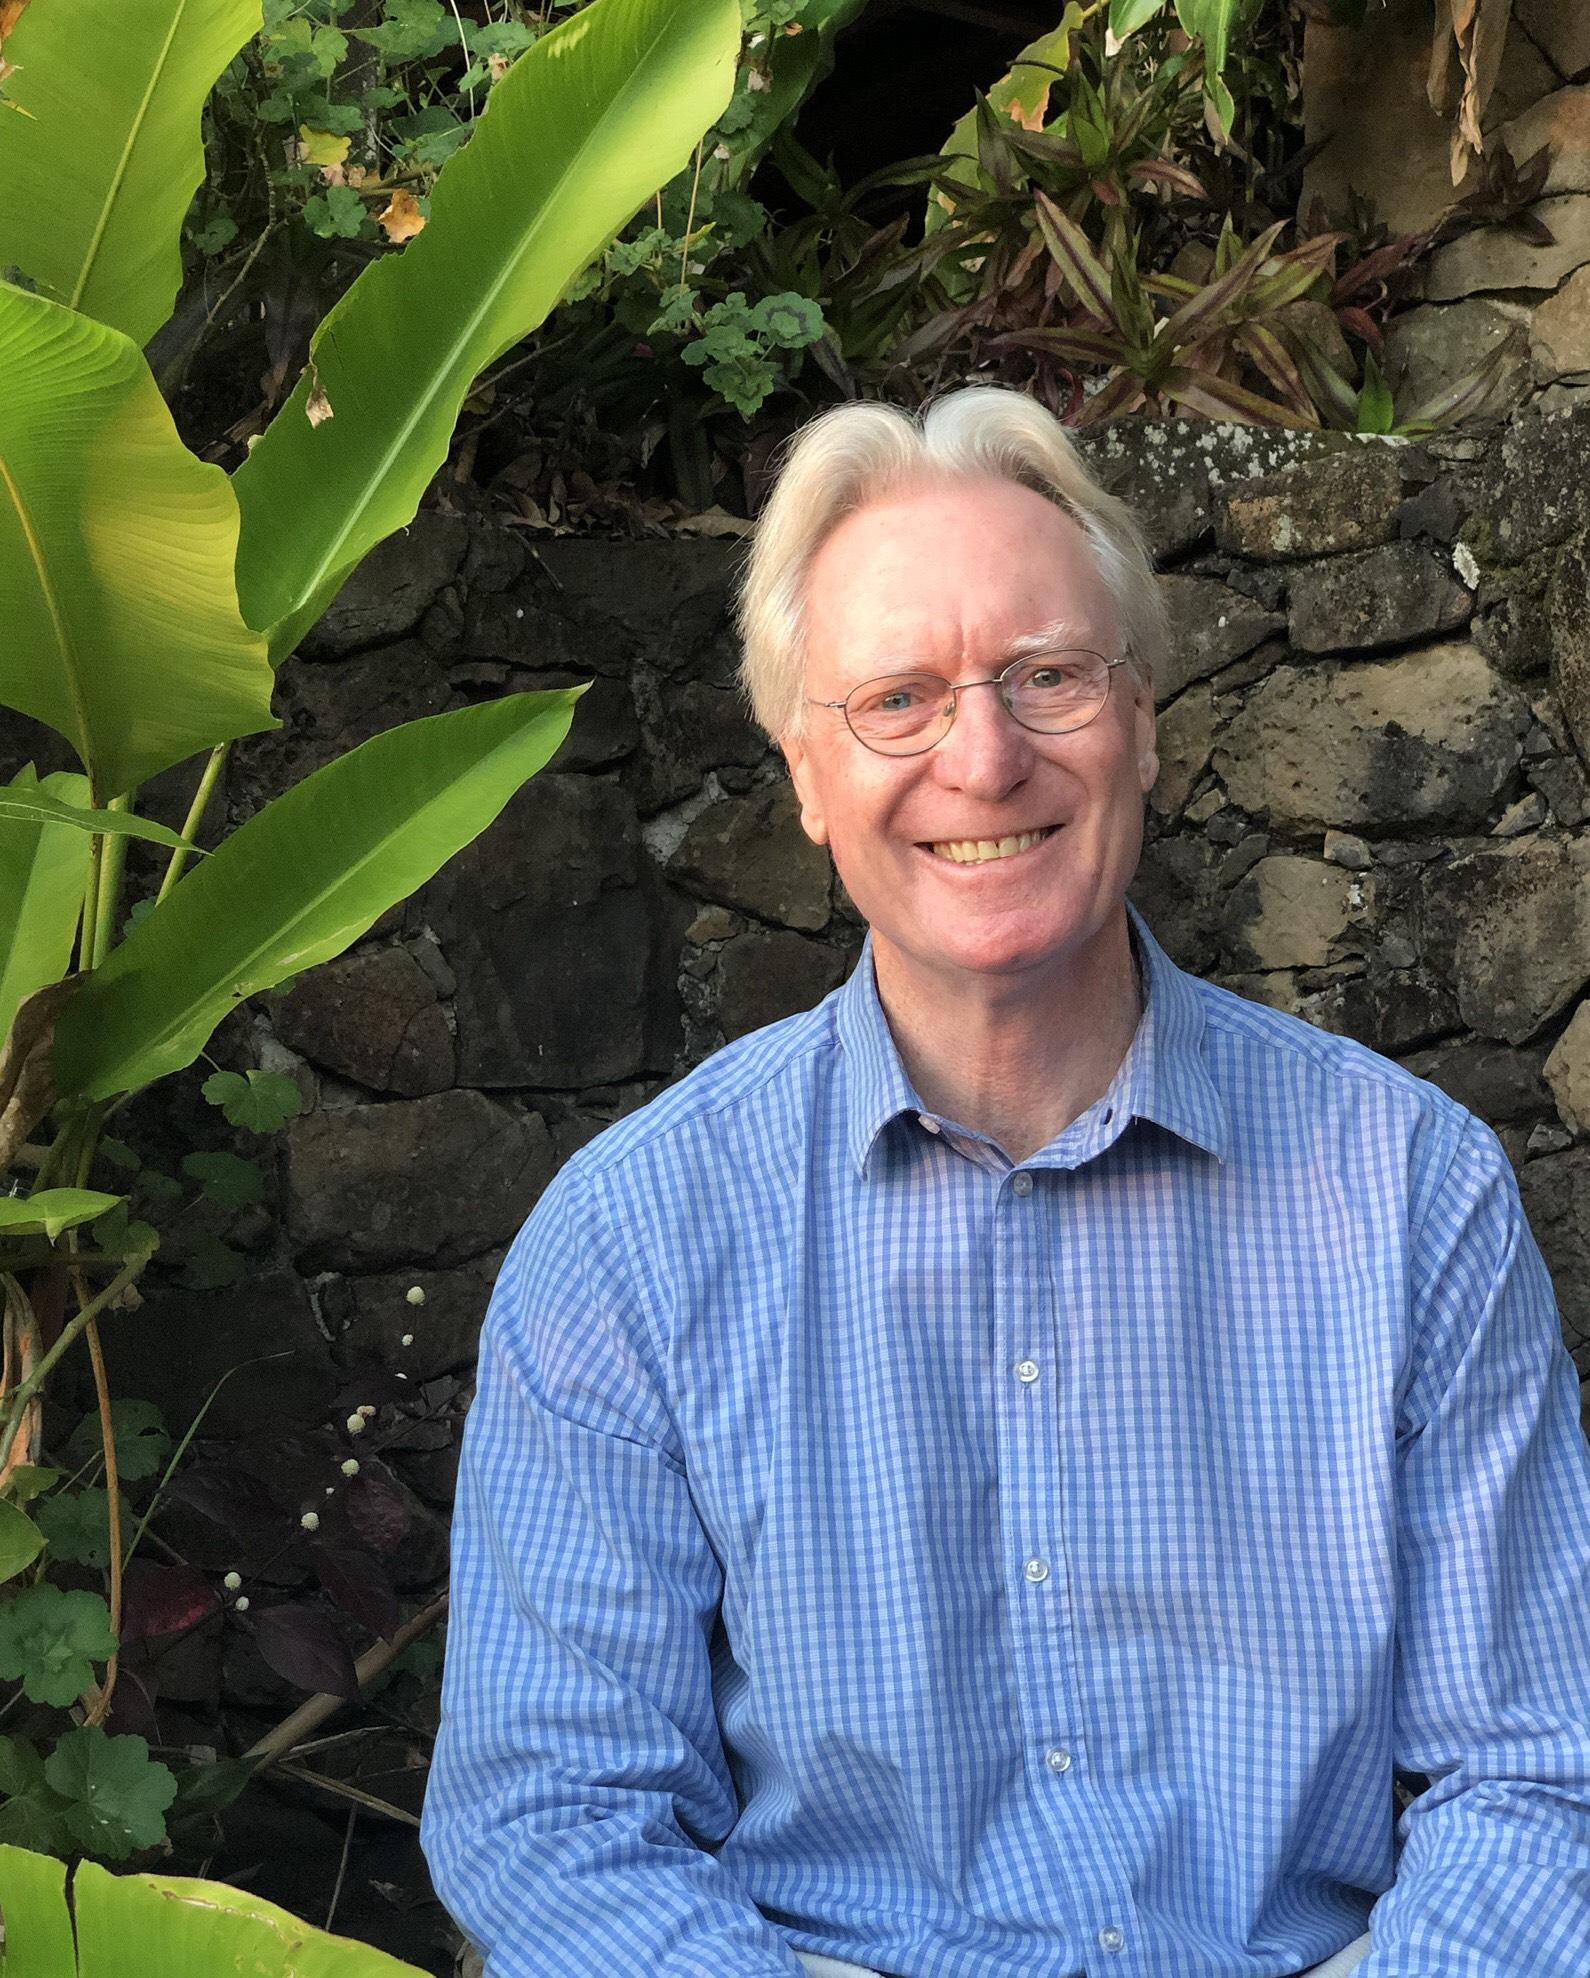 Patrick Burnett, IAAP